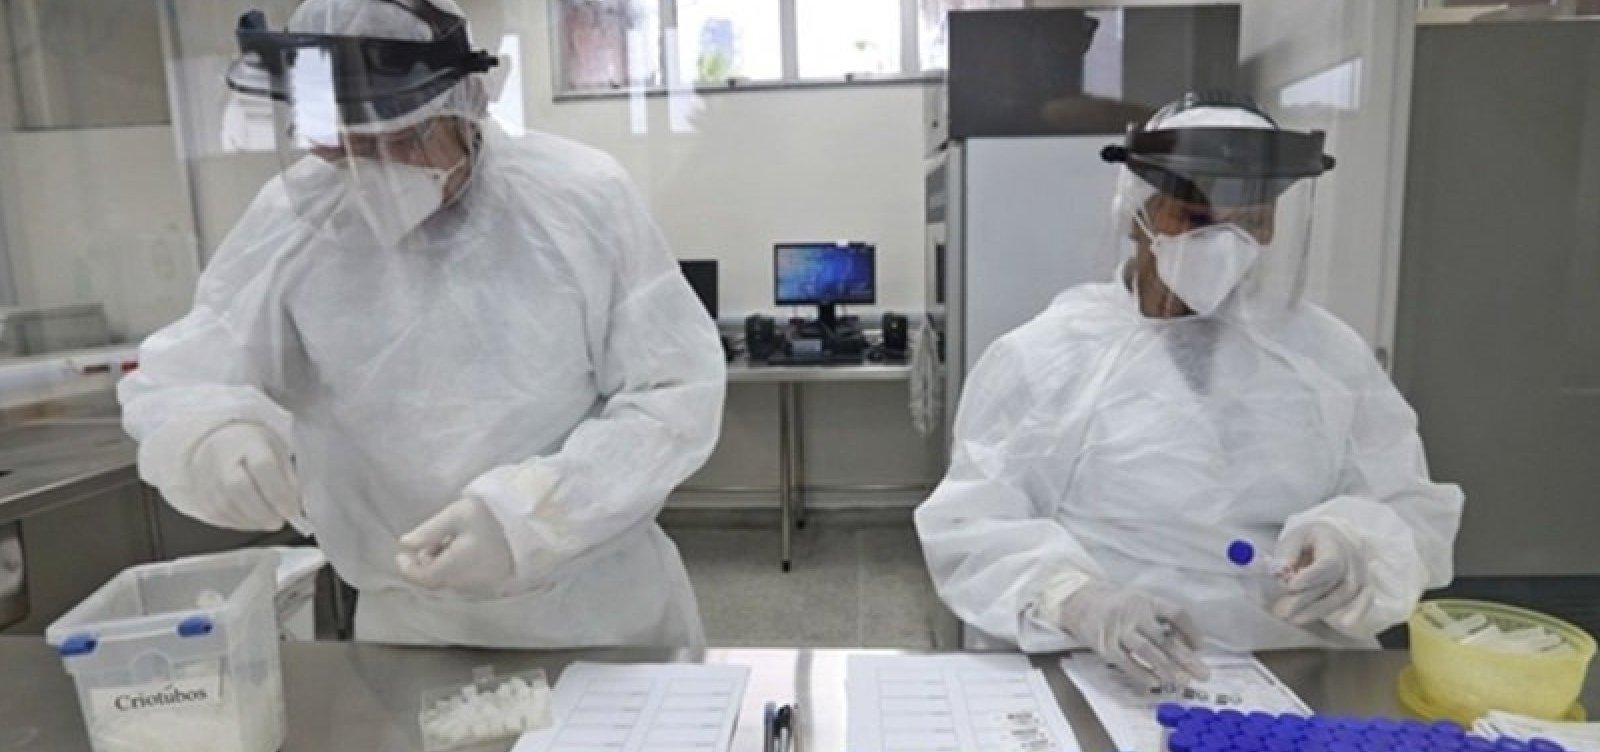 Bahia registra 32 óbitos e 3.094 novos casos de Covid-19 nas últimas 24h